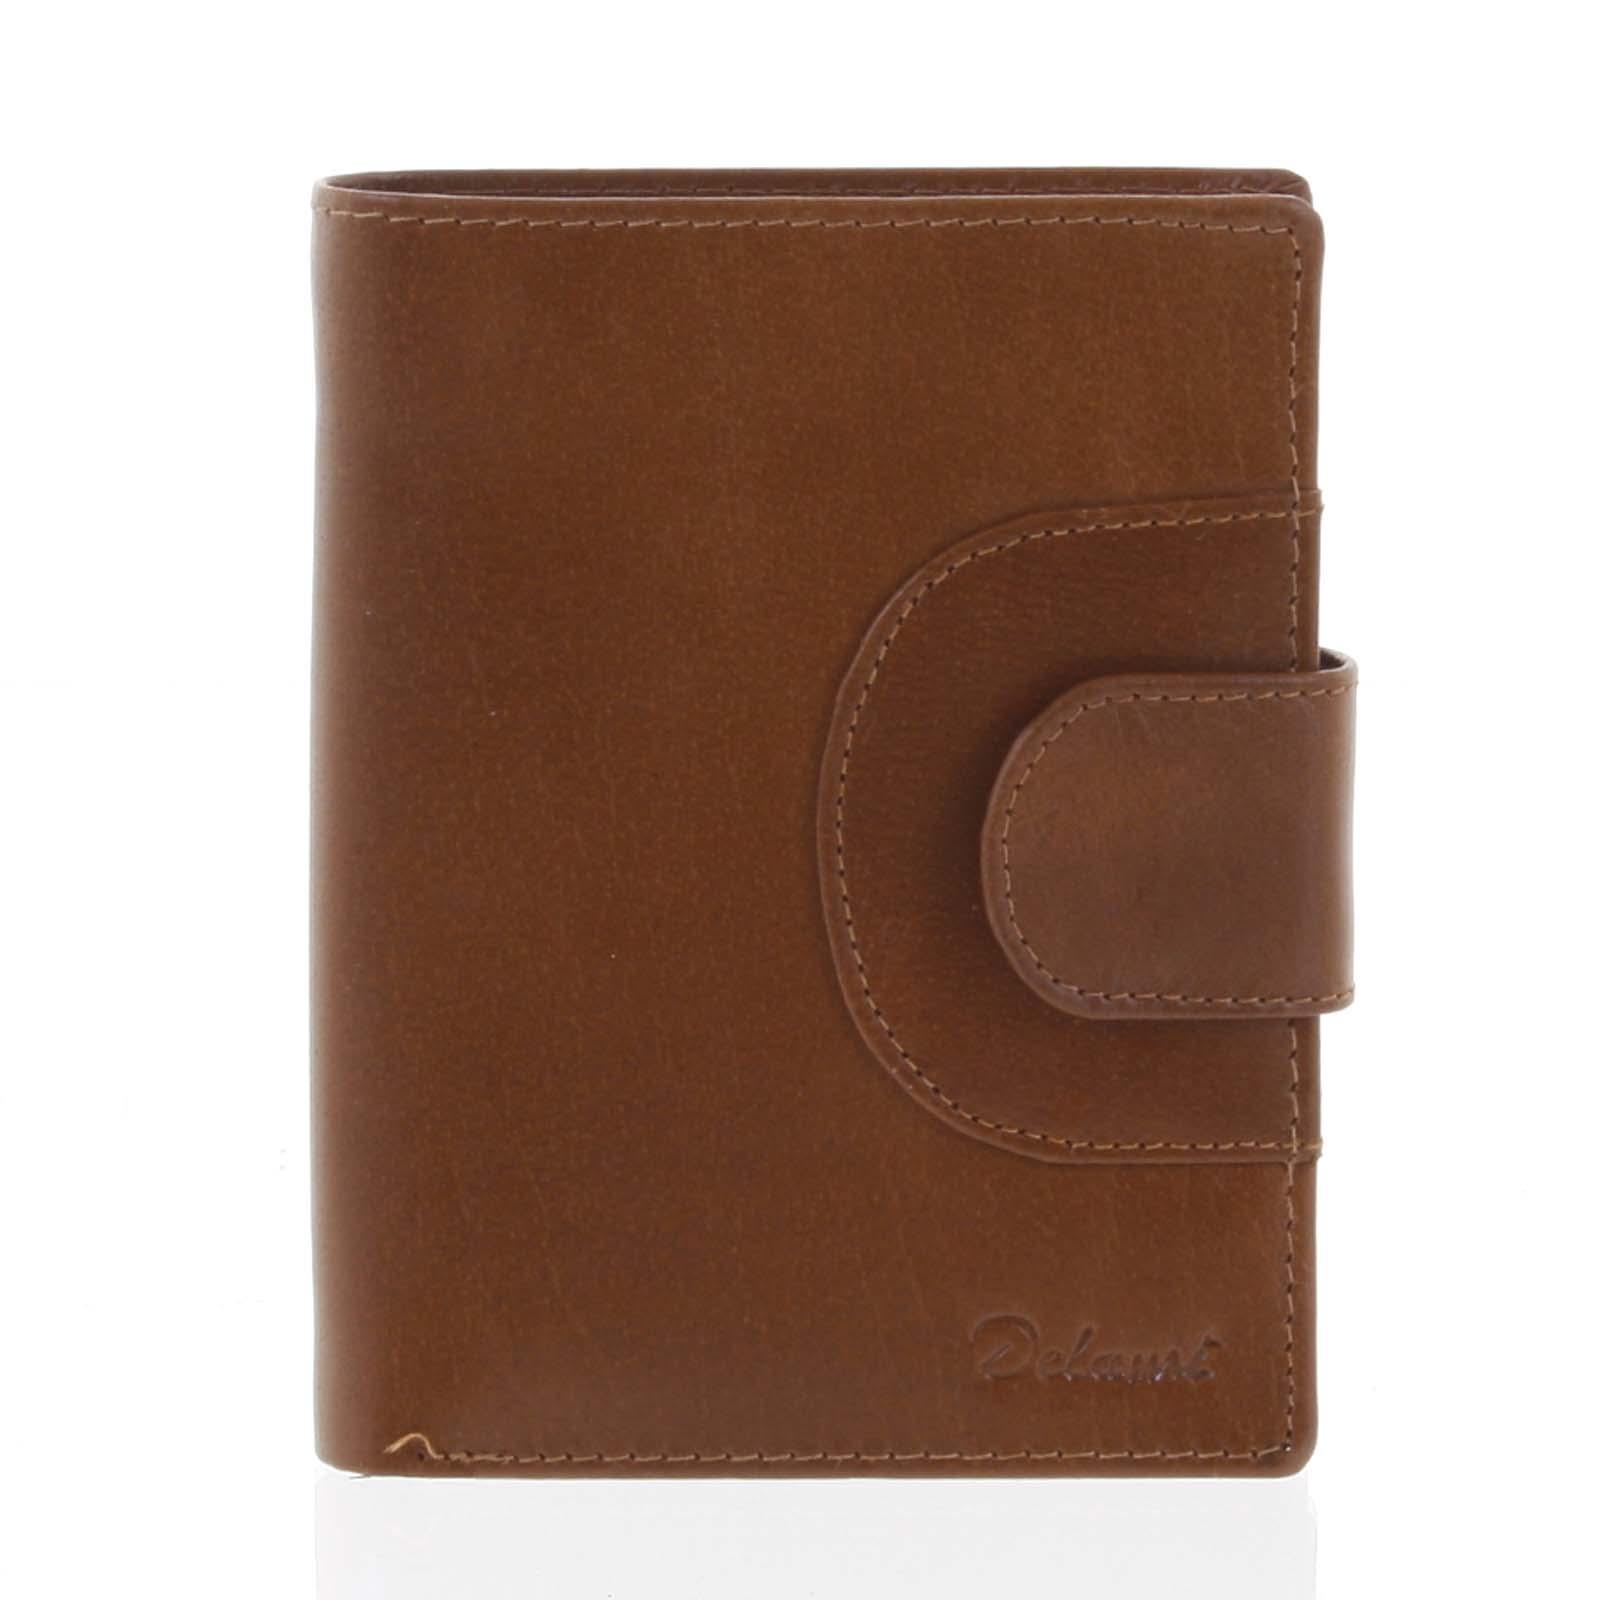 Elegantní pánská kožená světle hnědá peněženka - Delami Norm